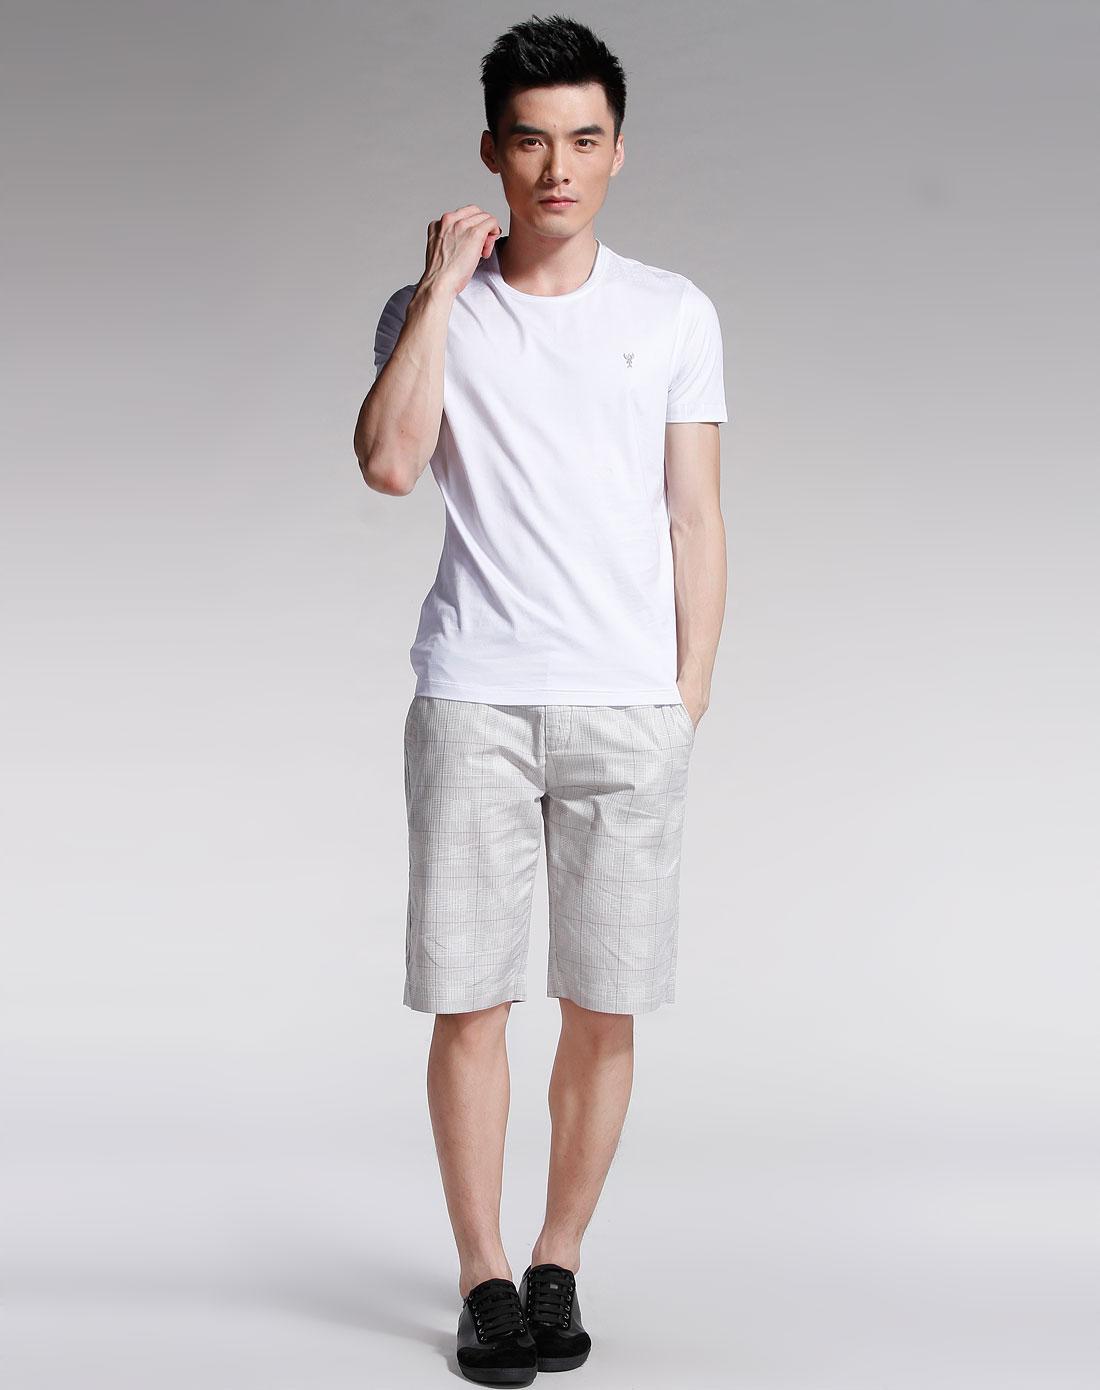 斐兰士francepal白色圆领短袖t恤